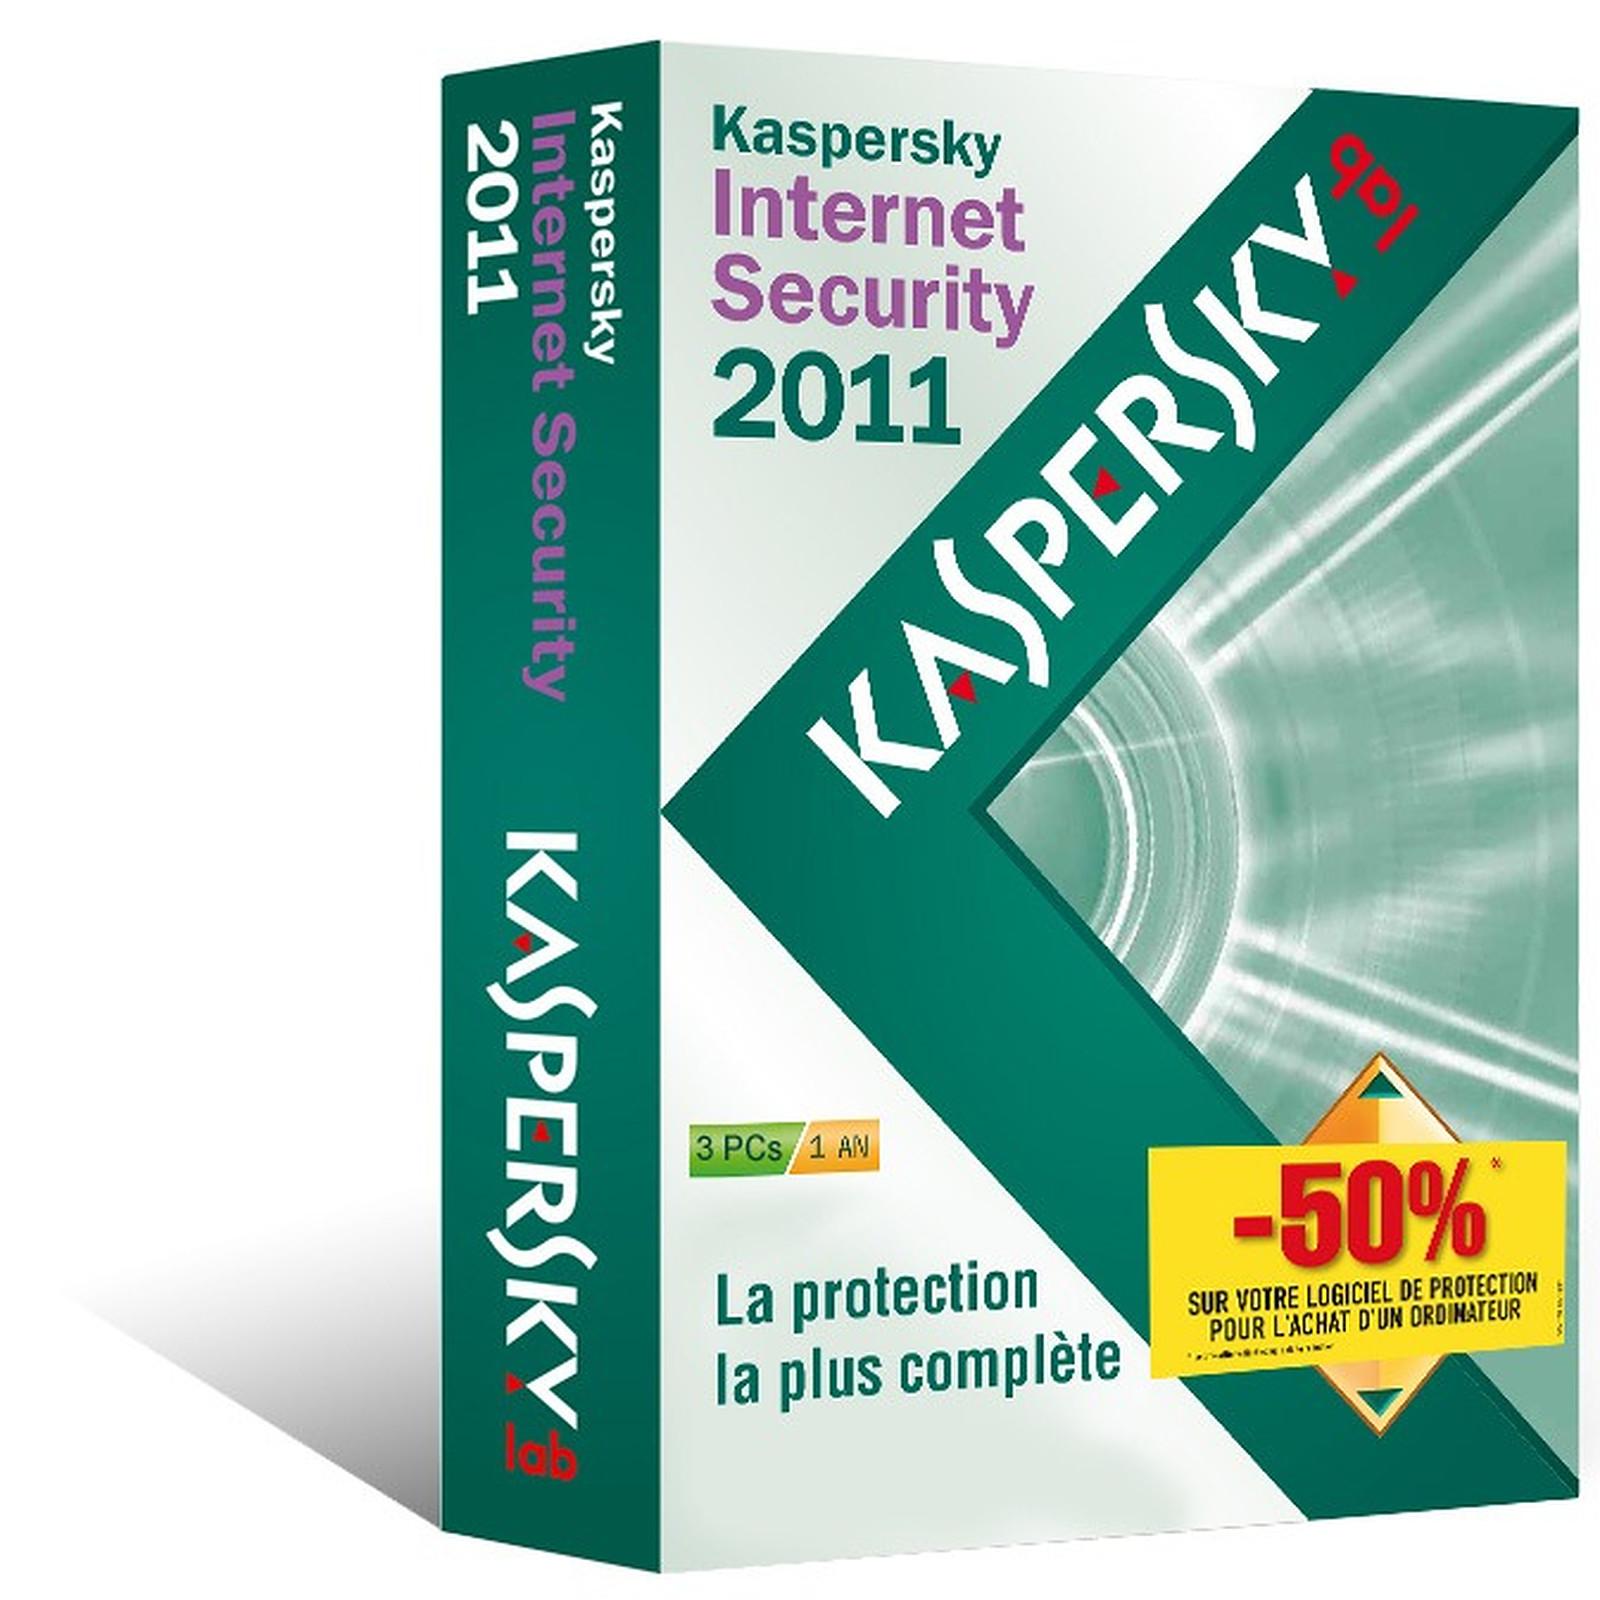 Kaspersky Internet Security 2011 - Vendu avec un produit informatique uniquement